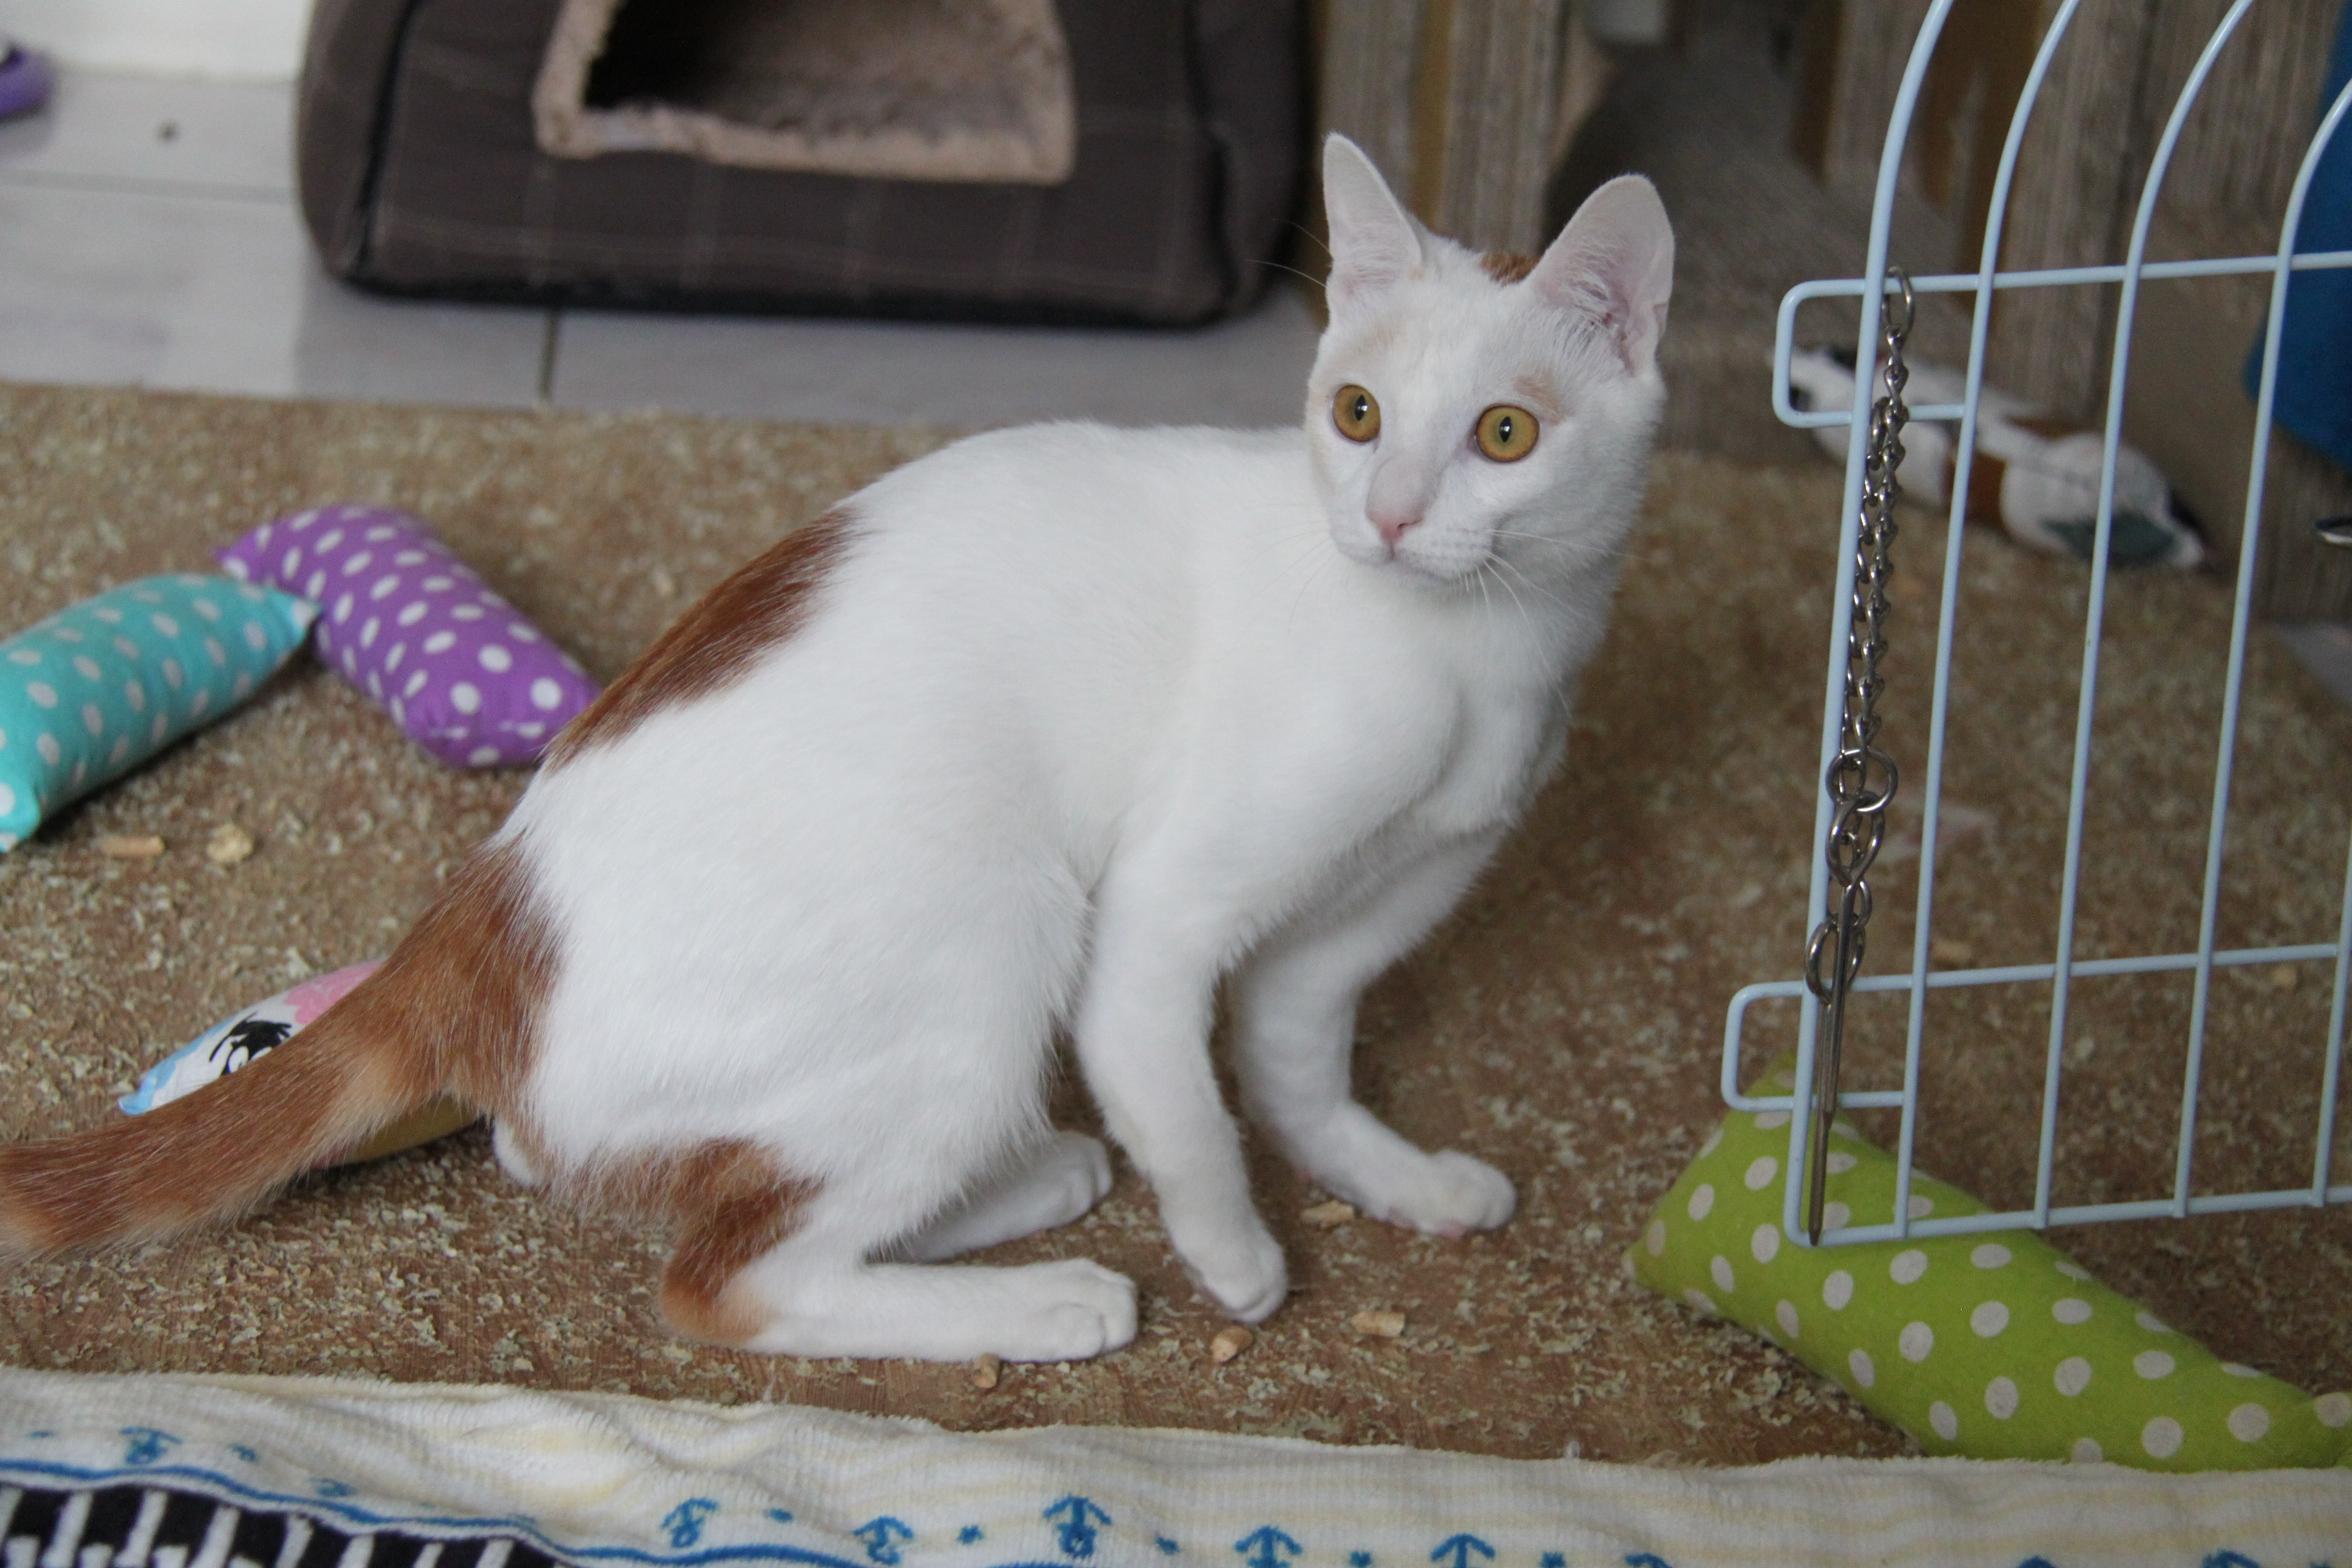 壁纸 动物 猫 猫咪 兔子 小猫 桌面 2352_1568